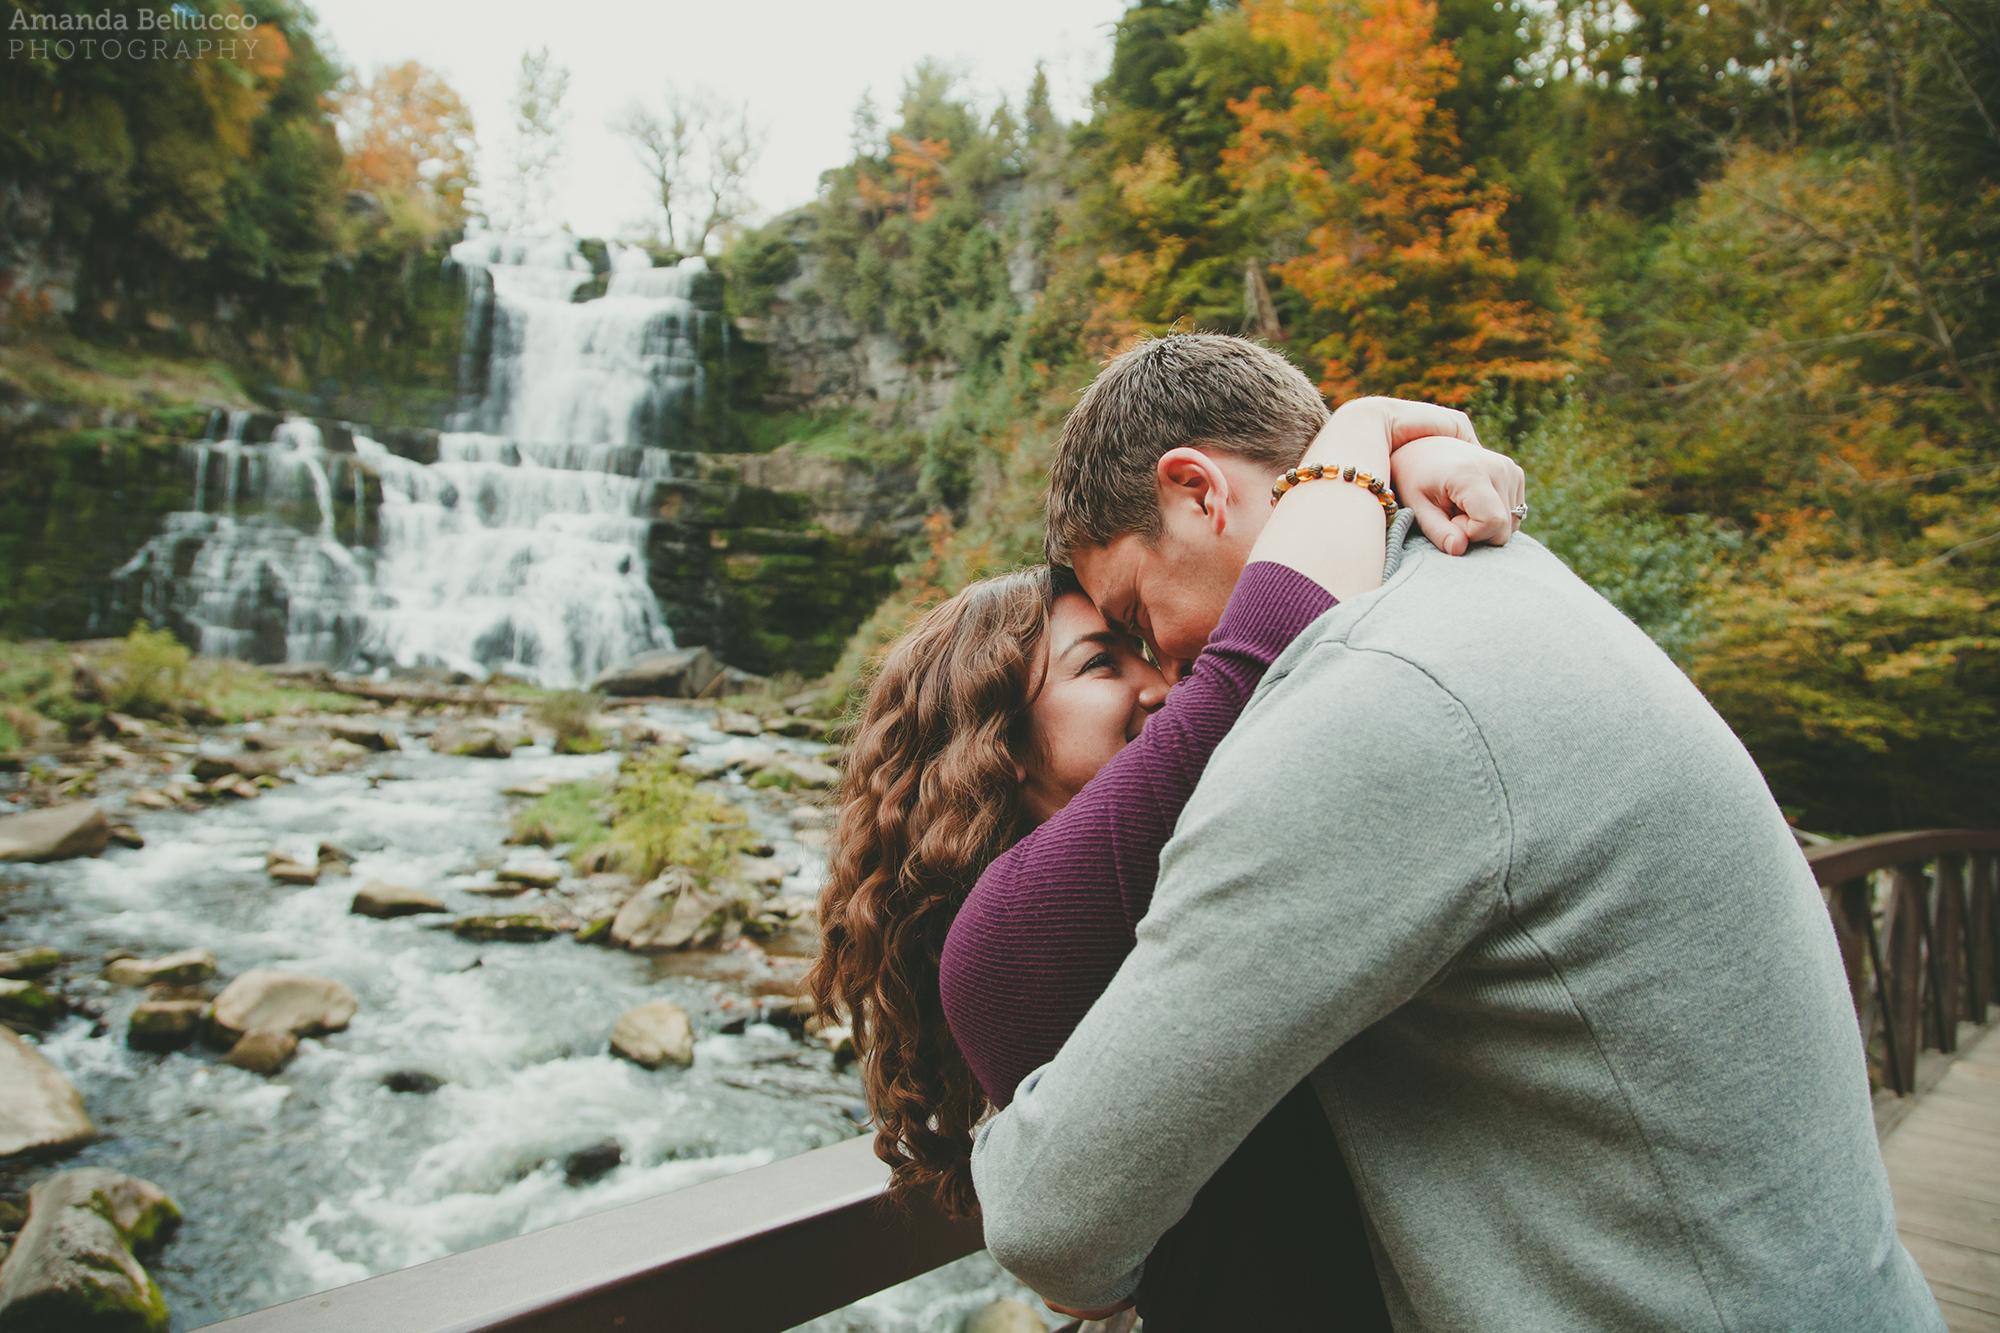 syacuse_engagement_wedding_photographers_12.jpg